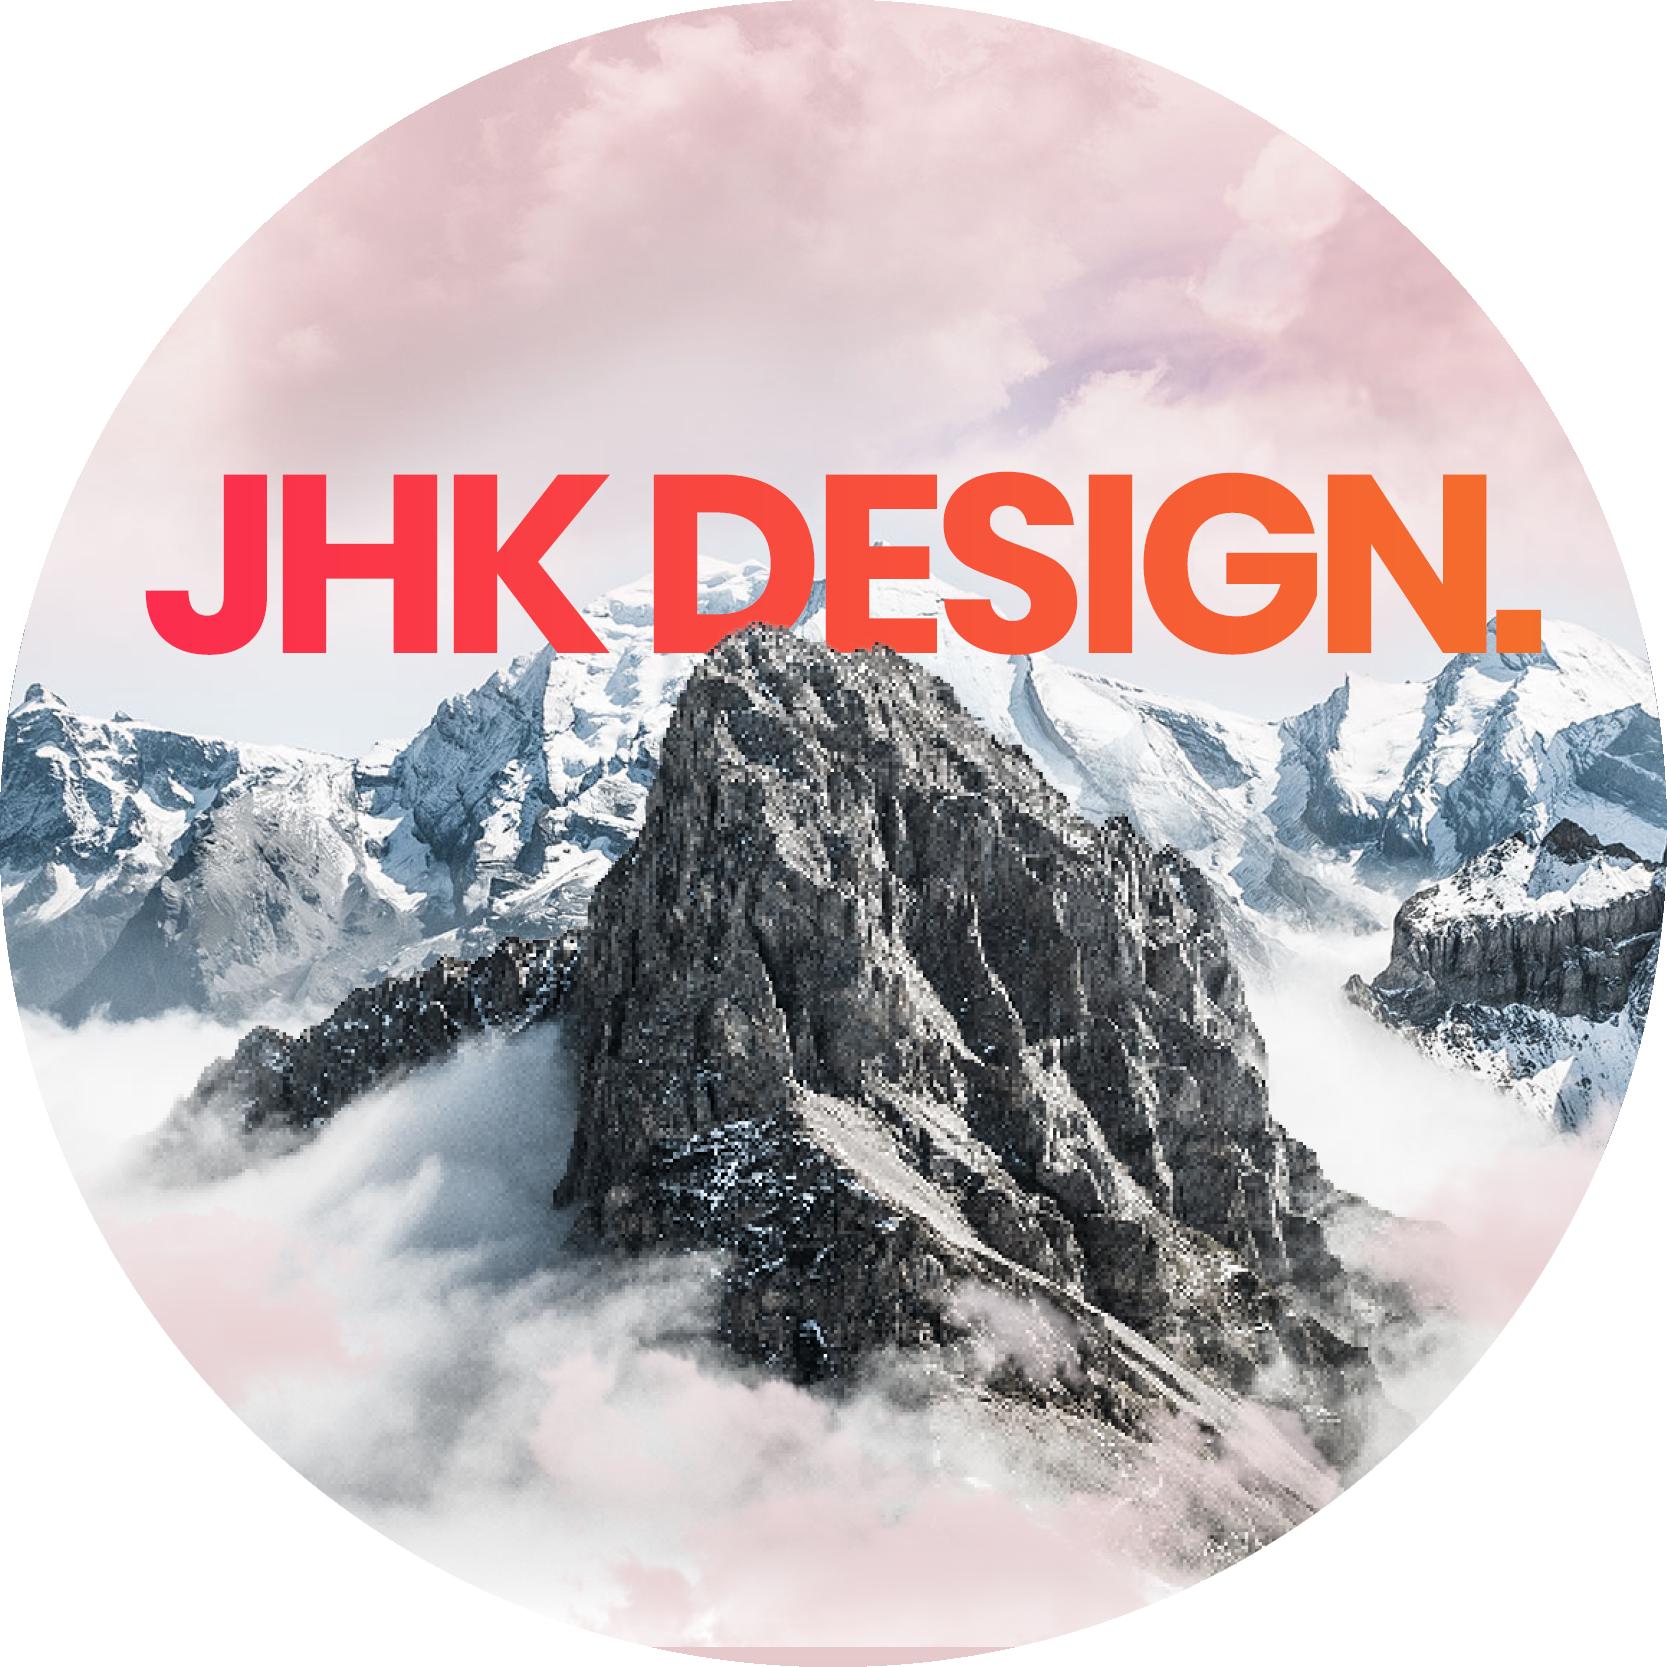 JHK Design